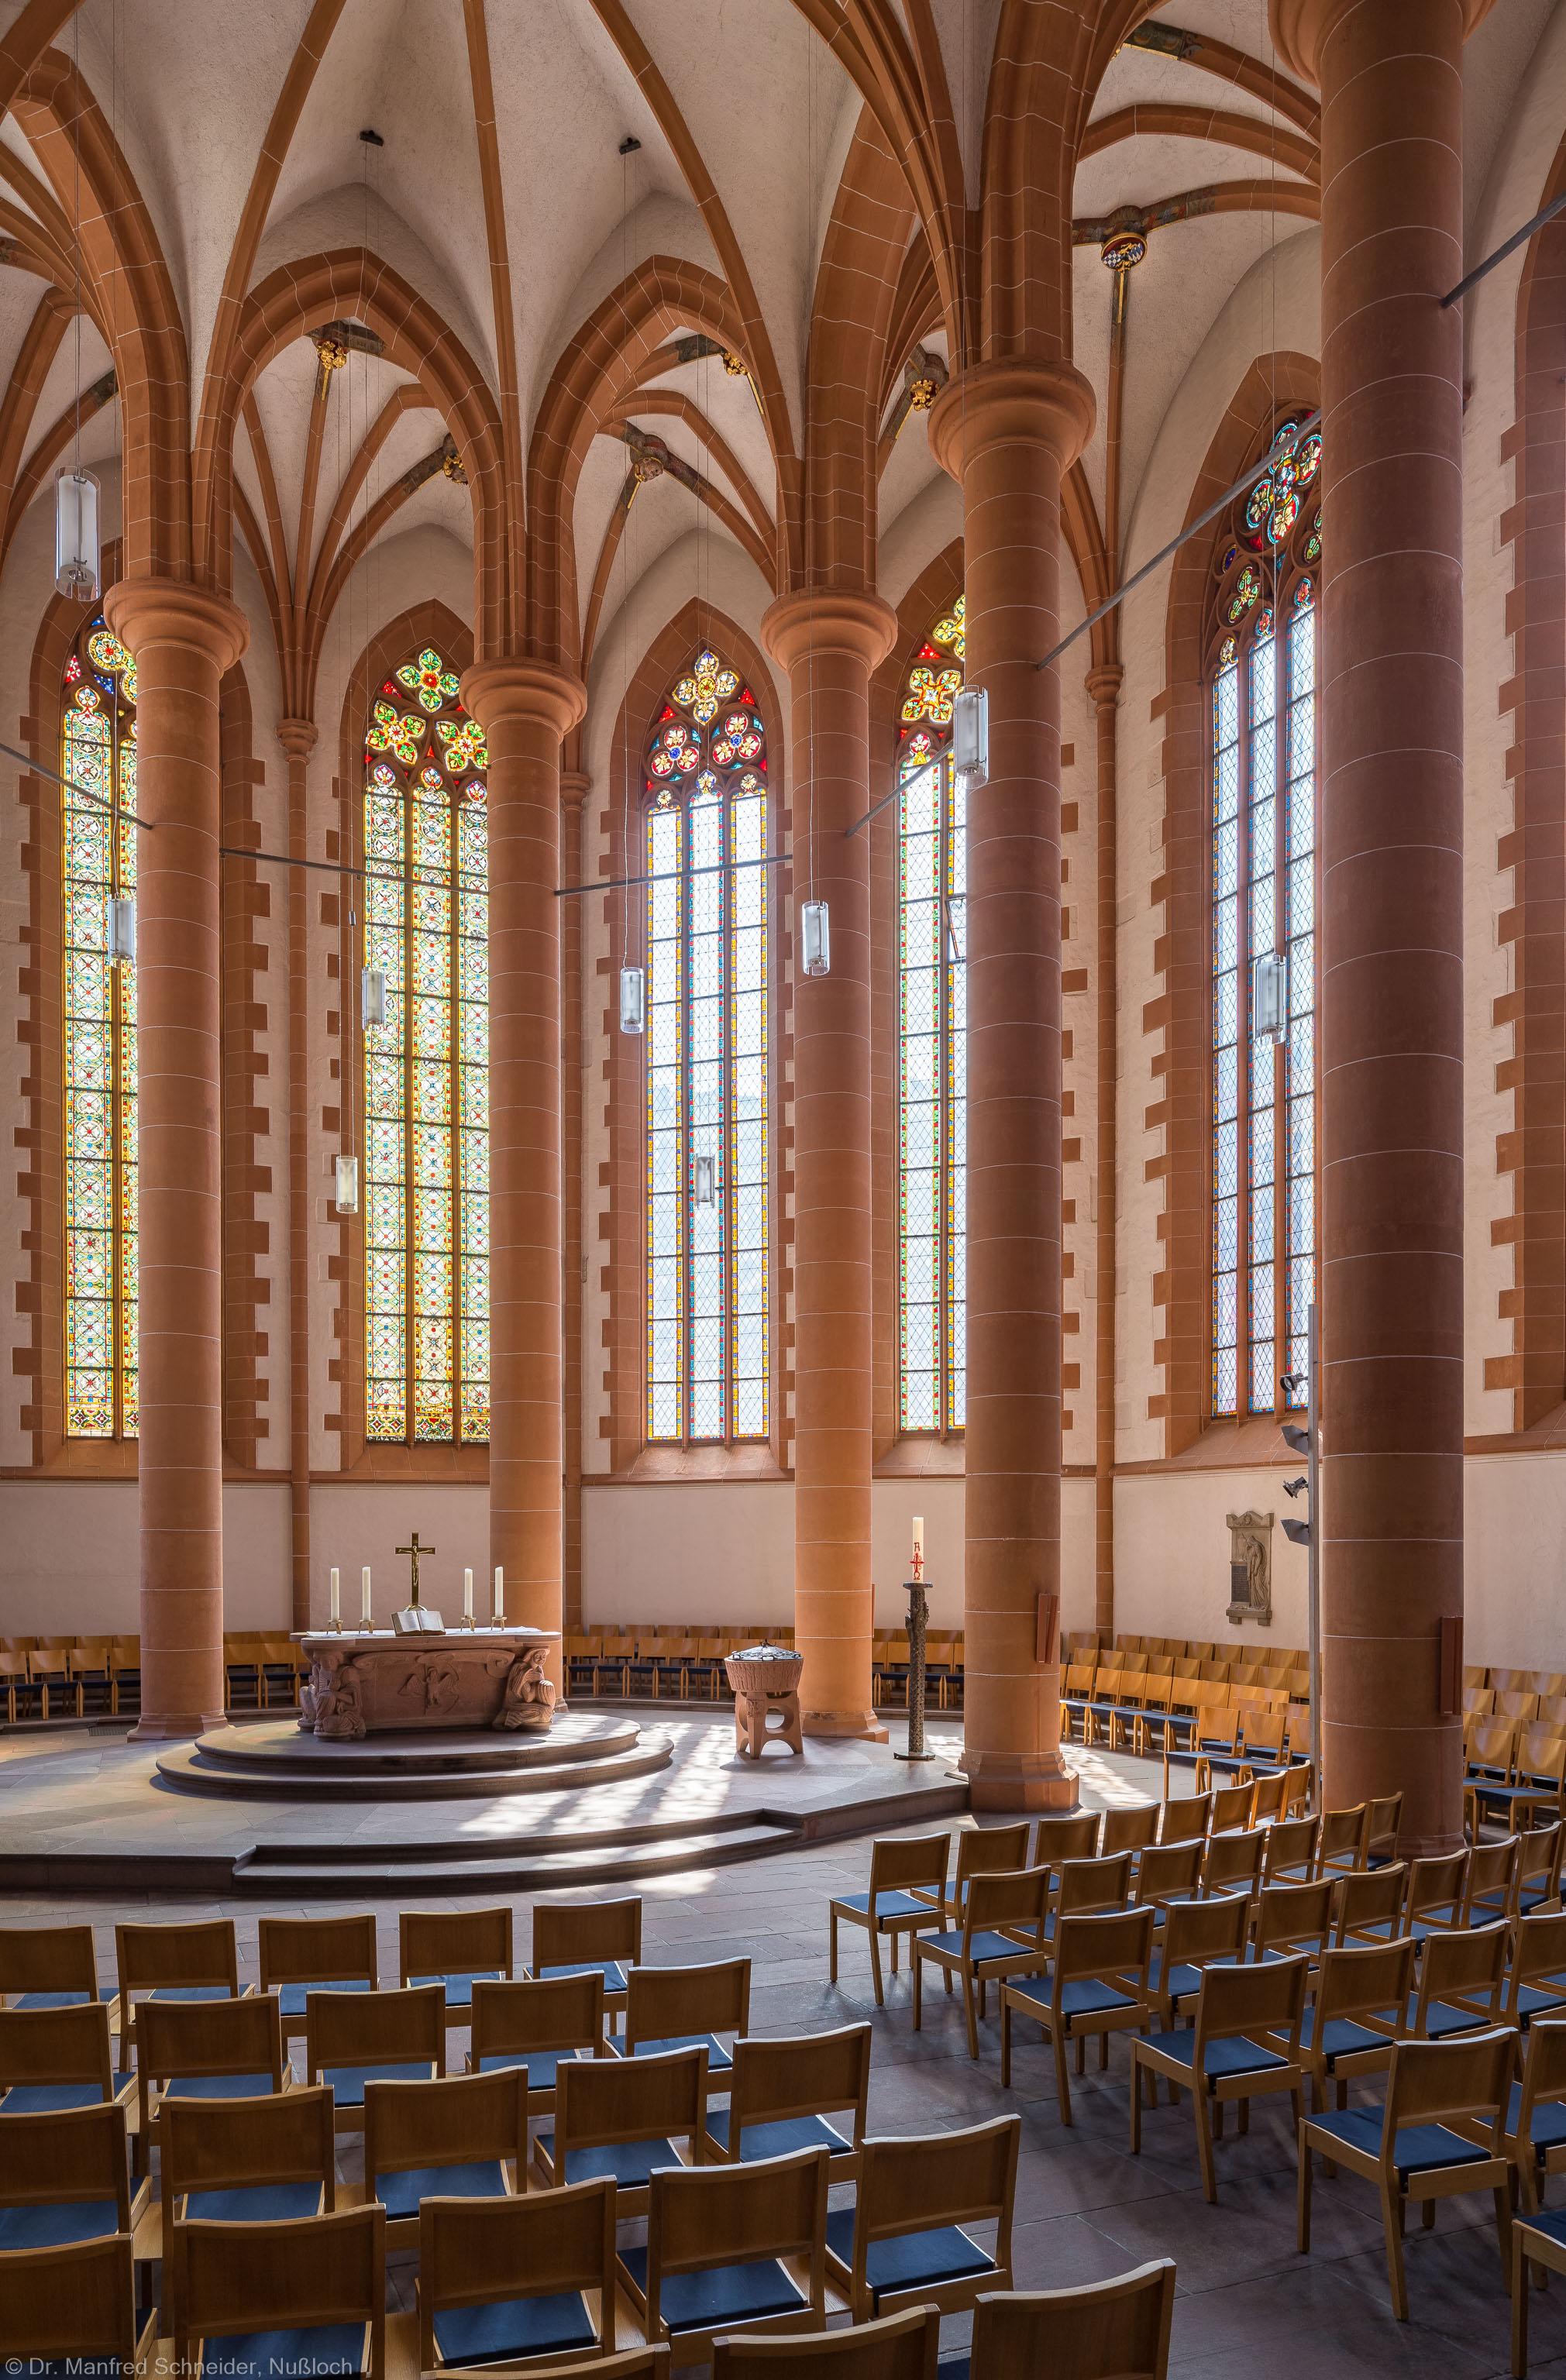 Heidelberg - Heiliggeistkirche - Chor - Blick in den Chor nach Südosten mit Säulen, Gewölbe und Altar (aufgenommen im Juli 2015, am späten Vormittag)